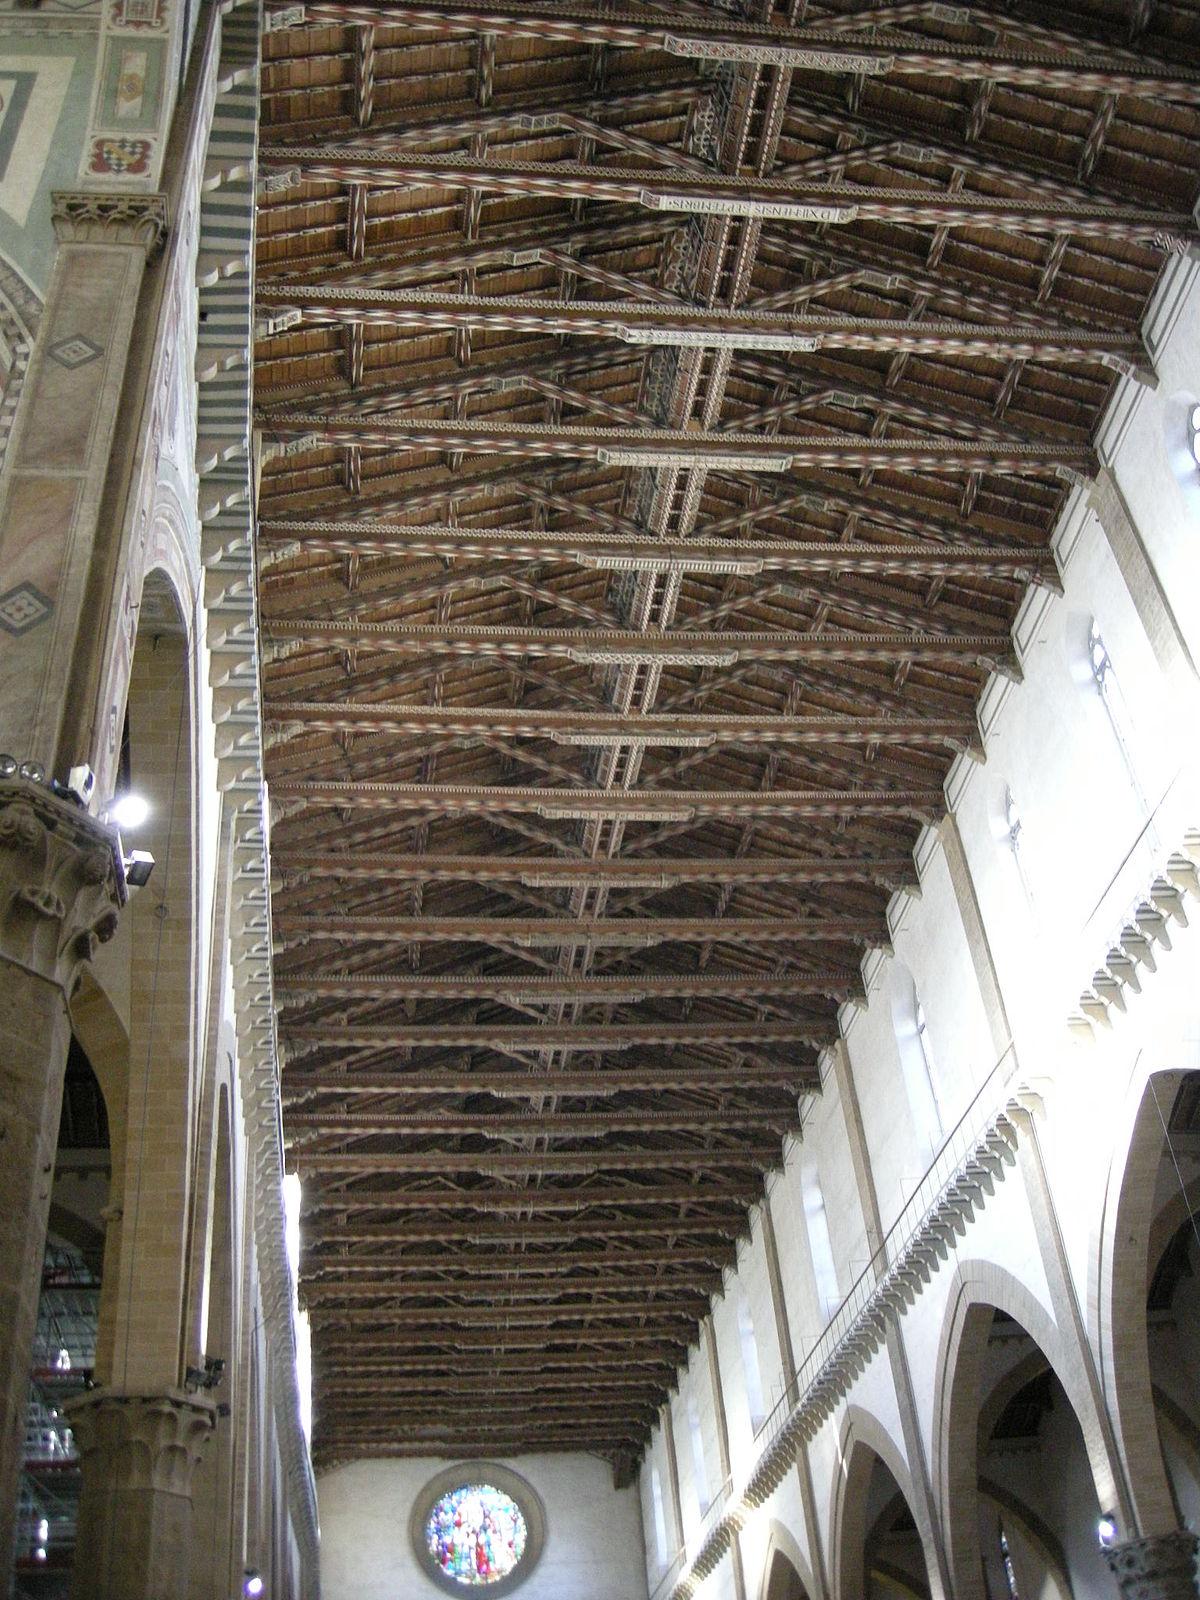 Capriata wikipedia for Dettagli di incorniciatura del tetto di gambrel